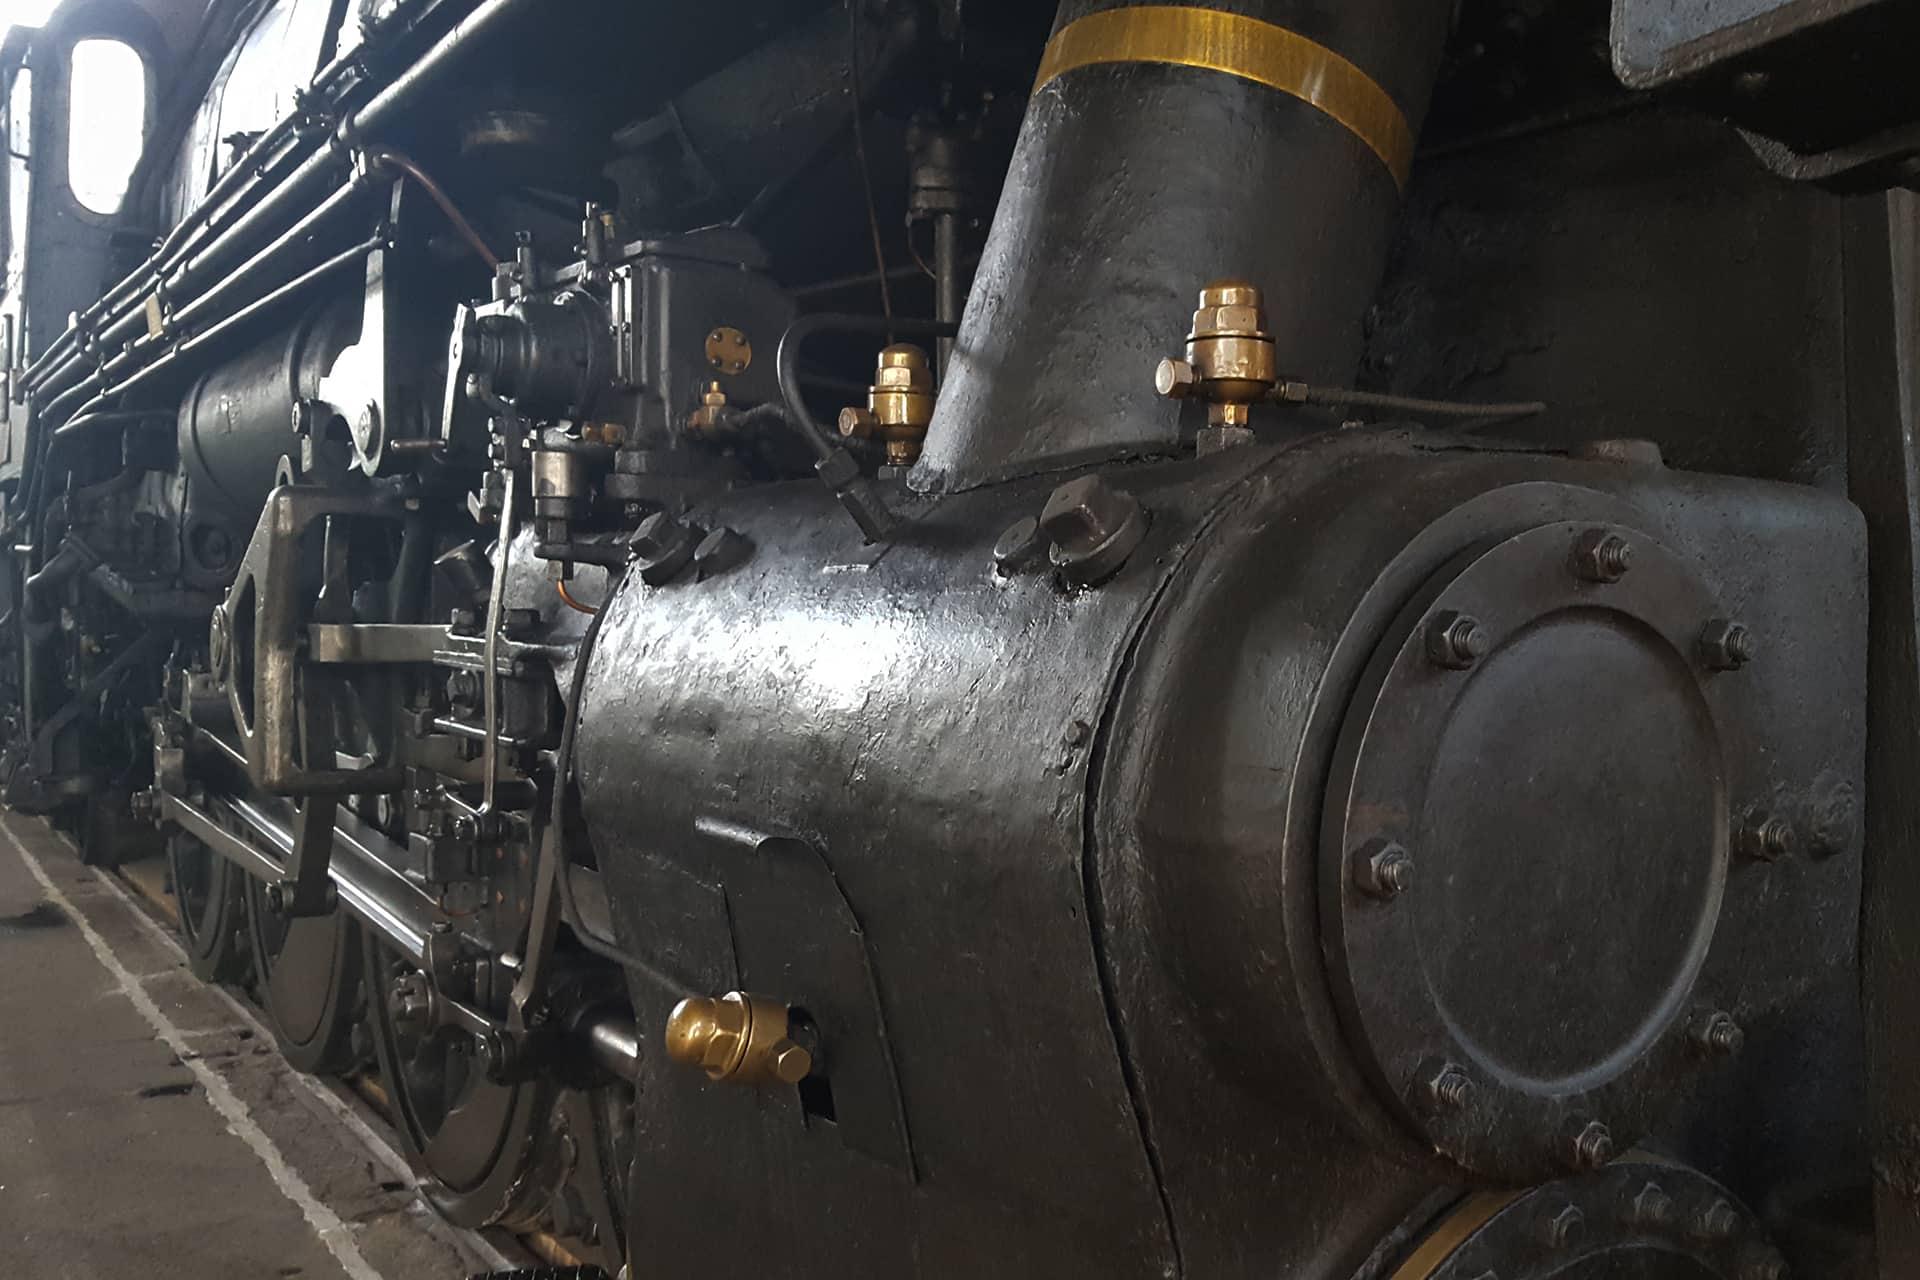 304 The train